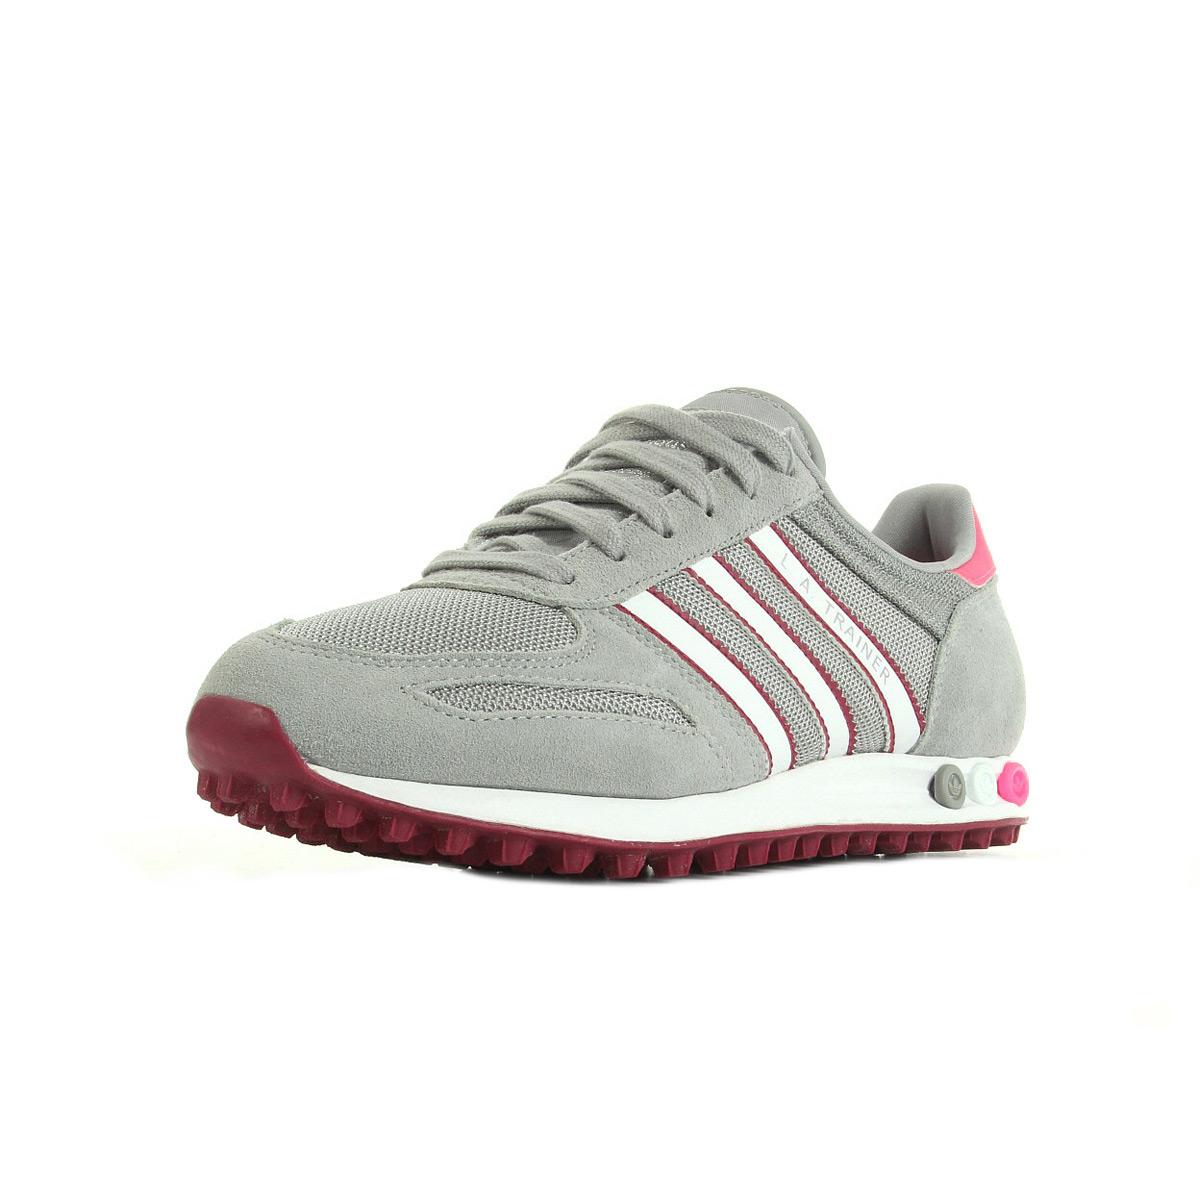 CourtBoutique Adidas Hard En Ligne Acheter Discounts Y6y7vfgIb